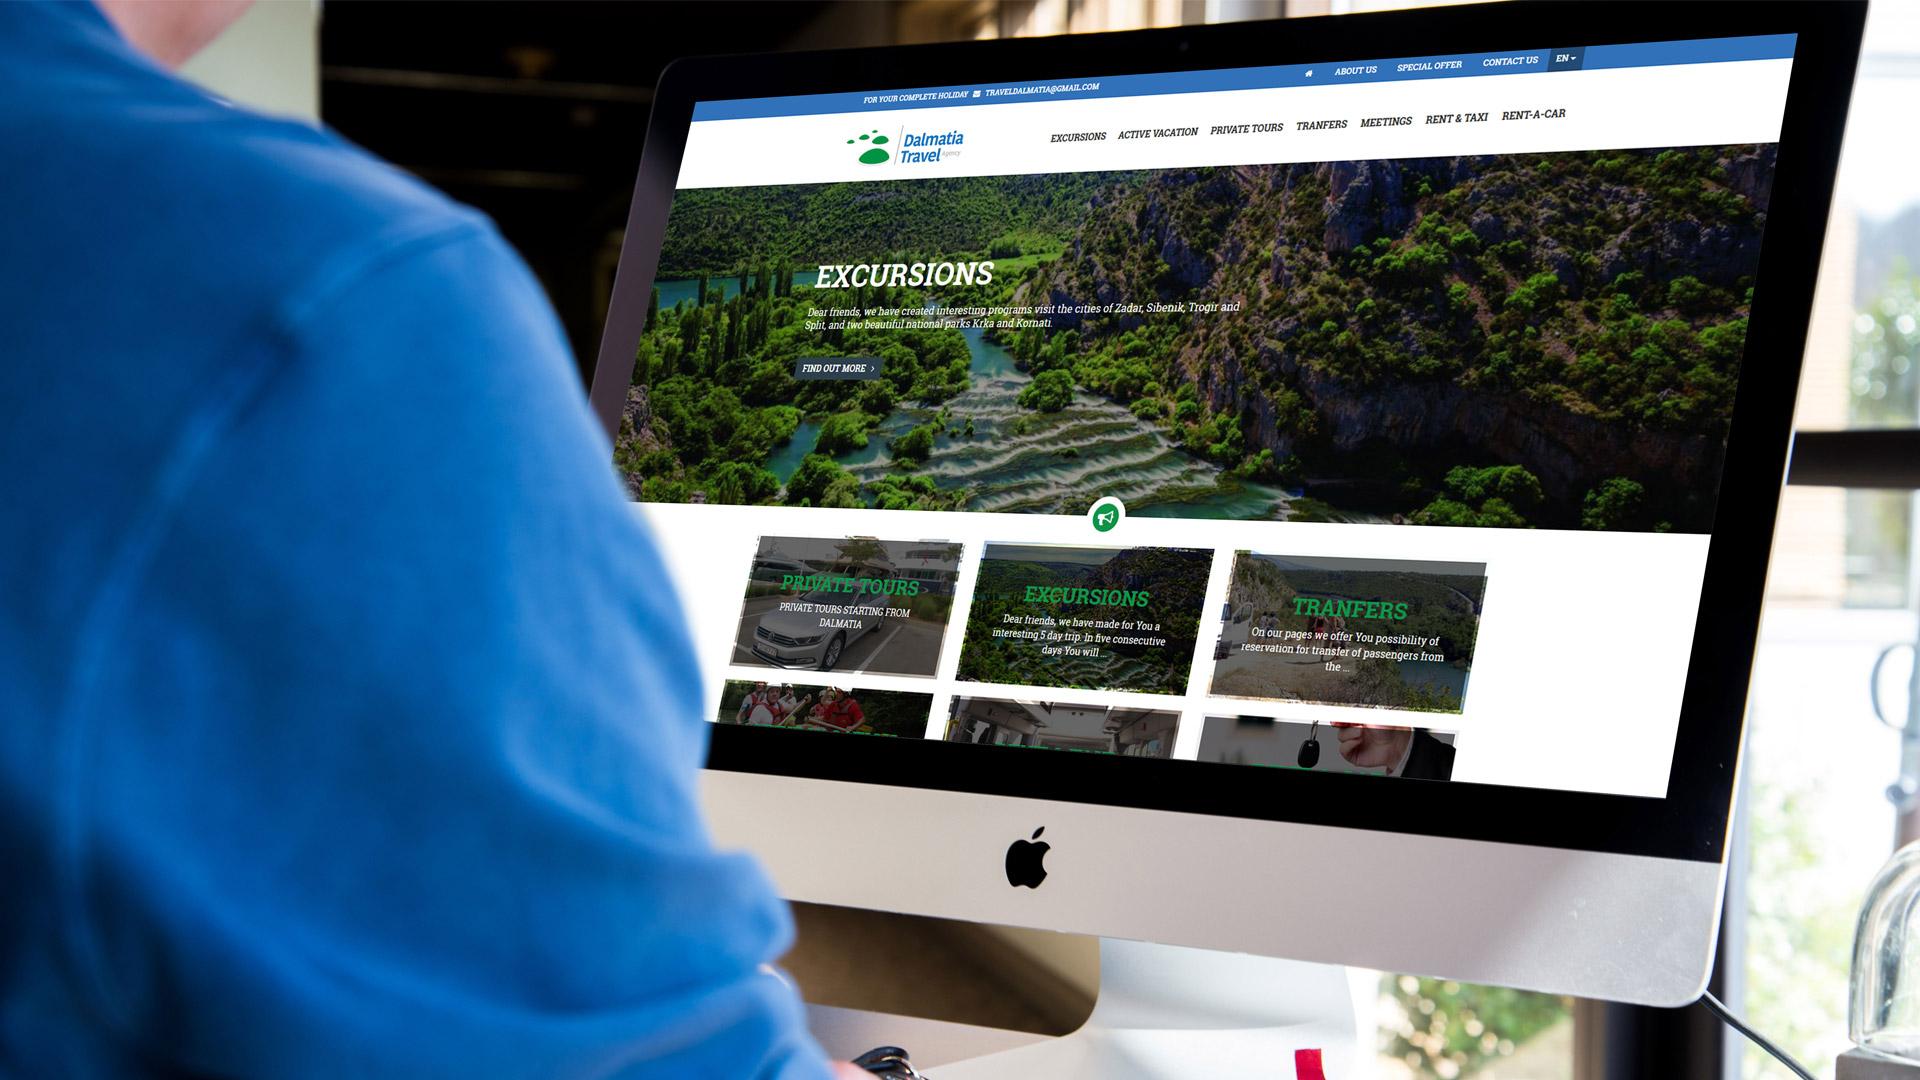 Web stranice turističke agencije